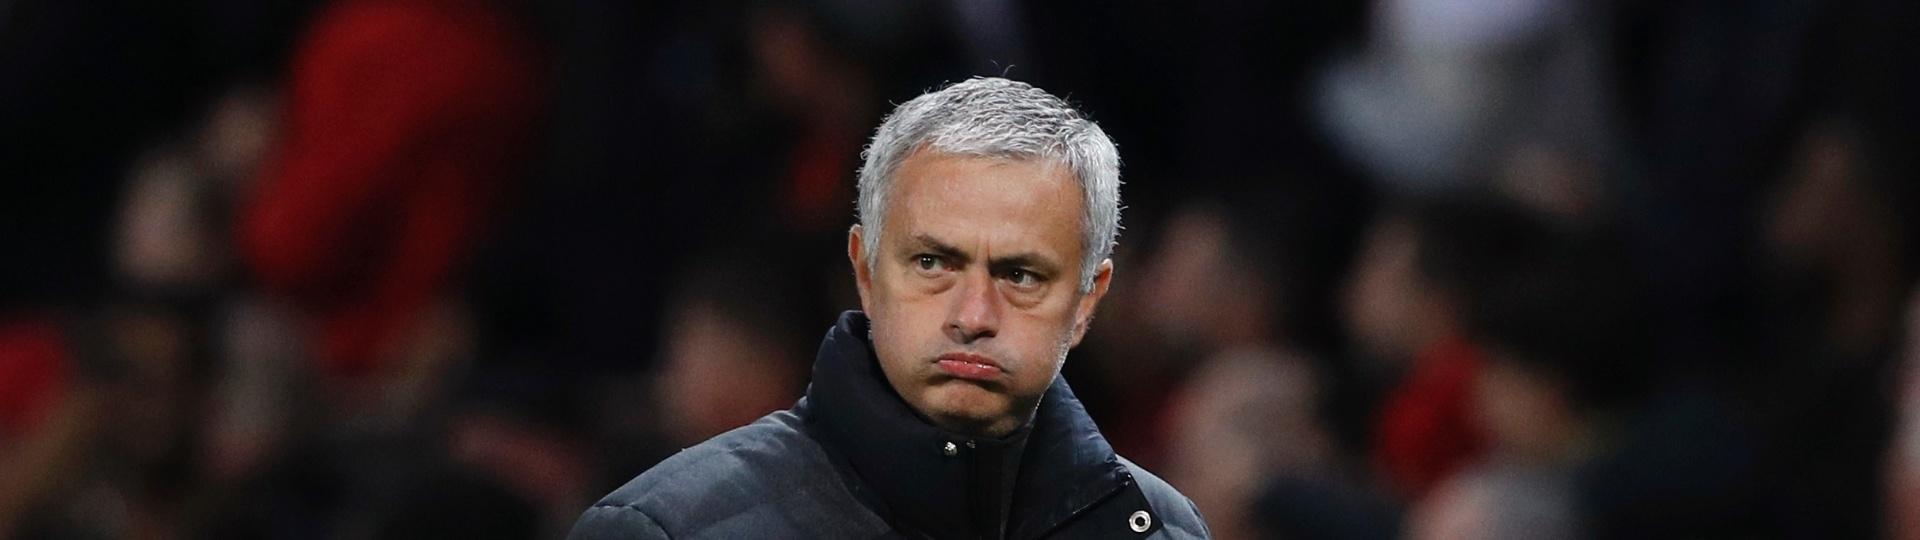 José Mourinho faz careta à beira do gramado durante o jogo entre Manchester United e Fenerbahce